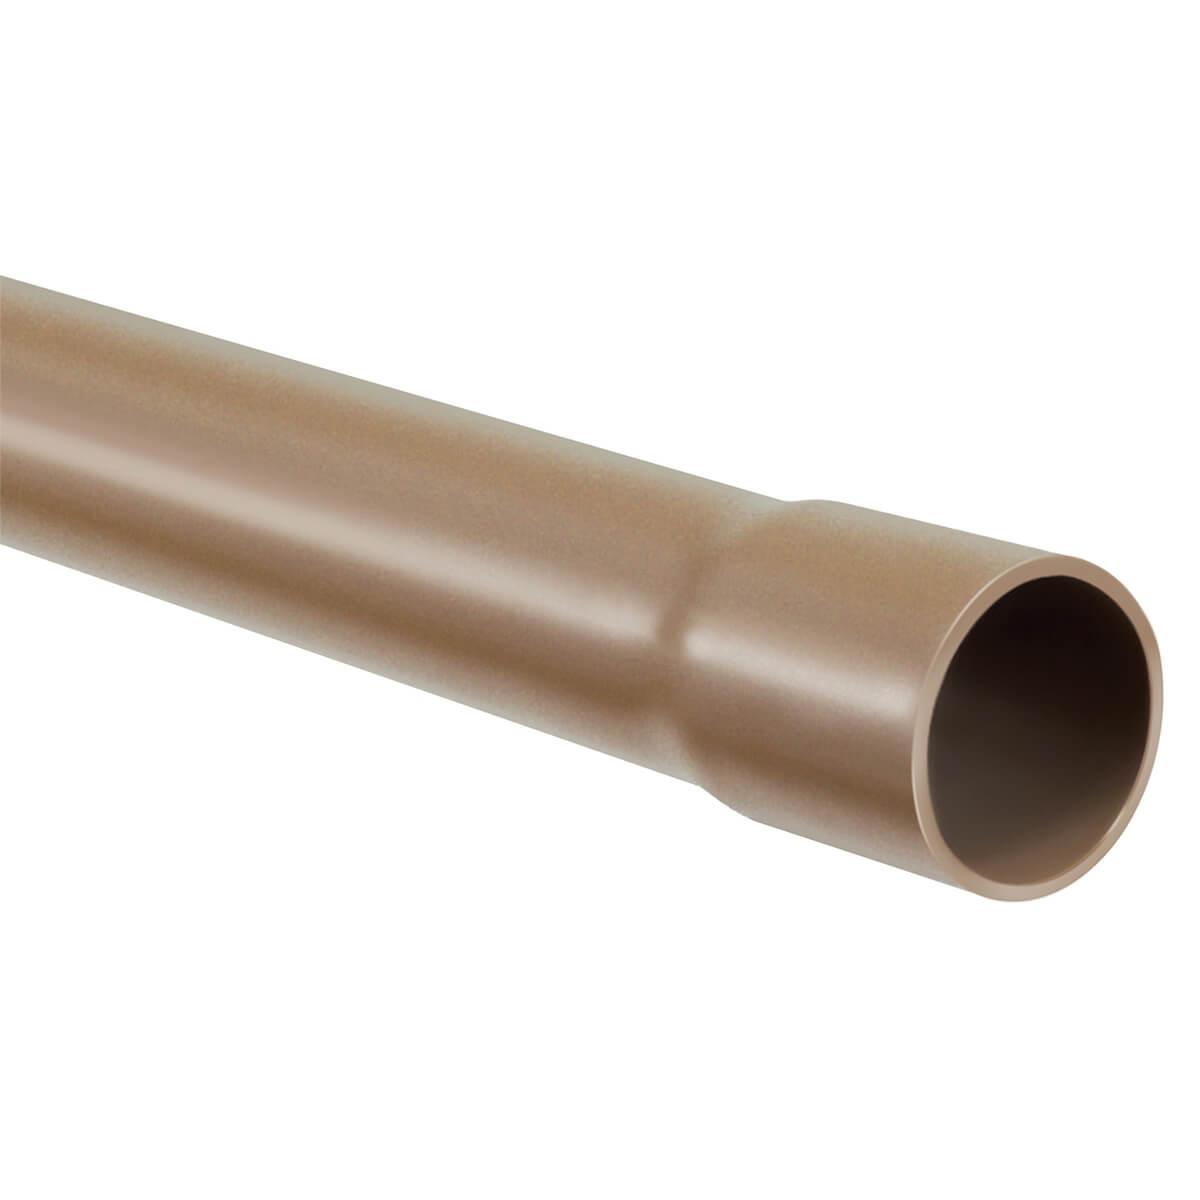 Tubo PVC 25mm Soldável 6 Metros